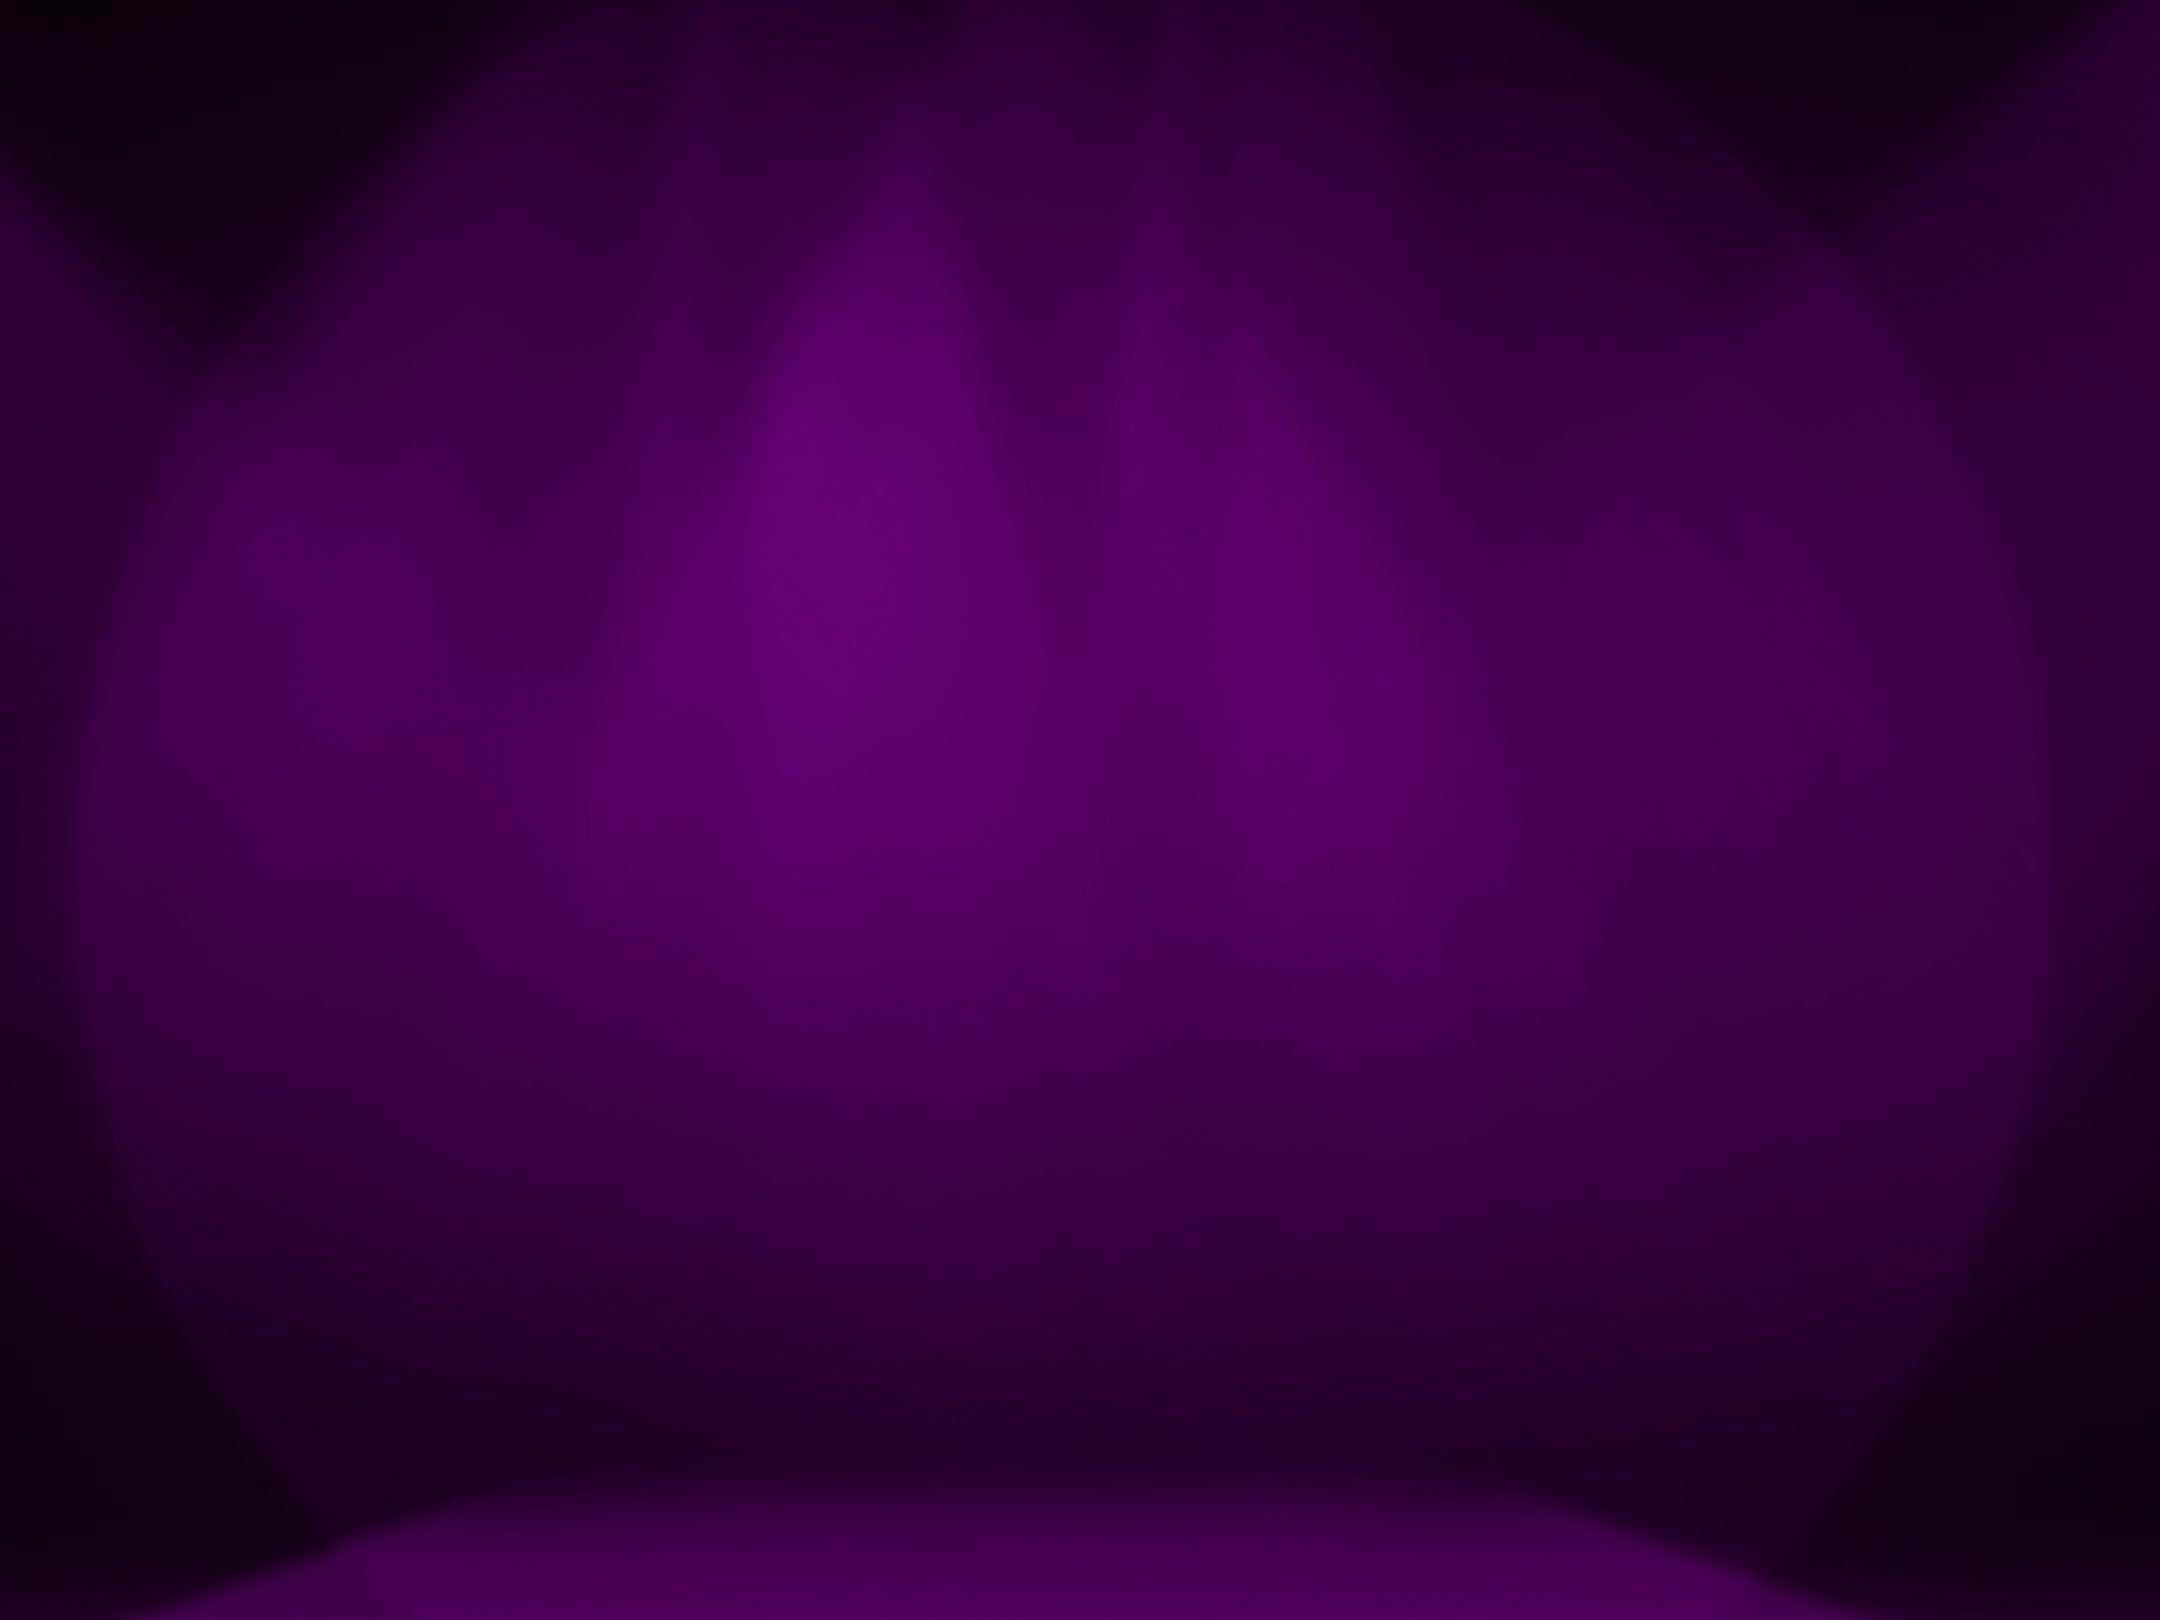 2160x1620 iPad wallpaper 4k Purple Stage Decoration iPad Wallpaper 2160x1620 pixels resolution